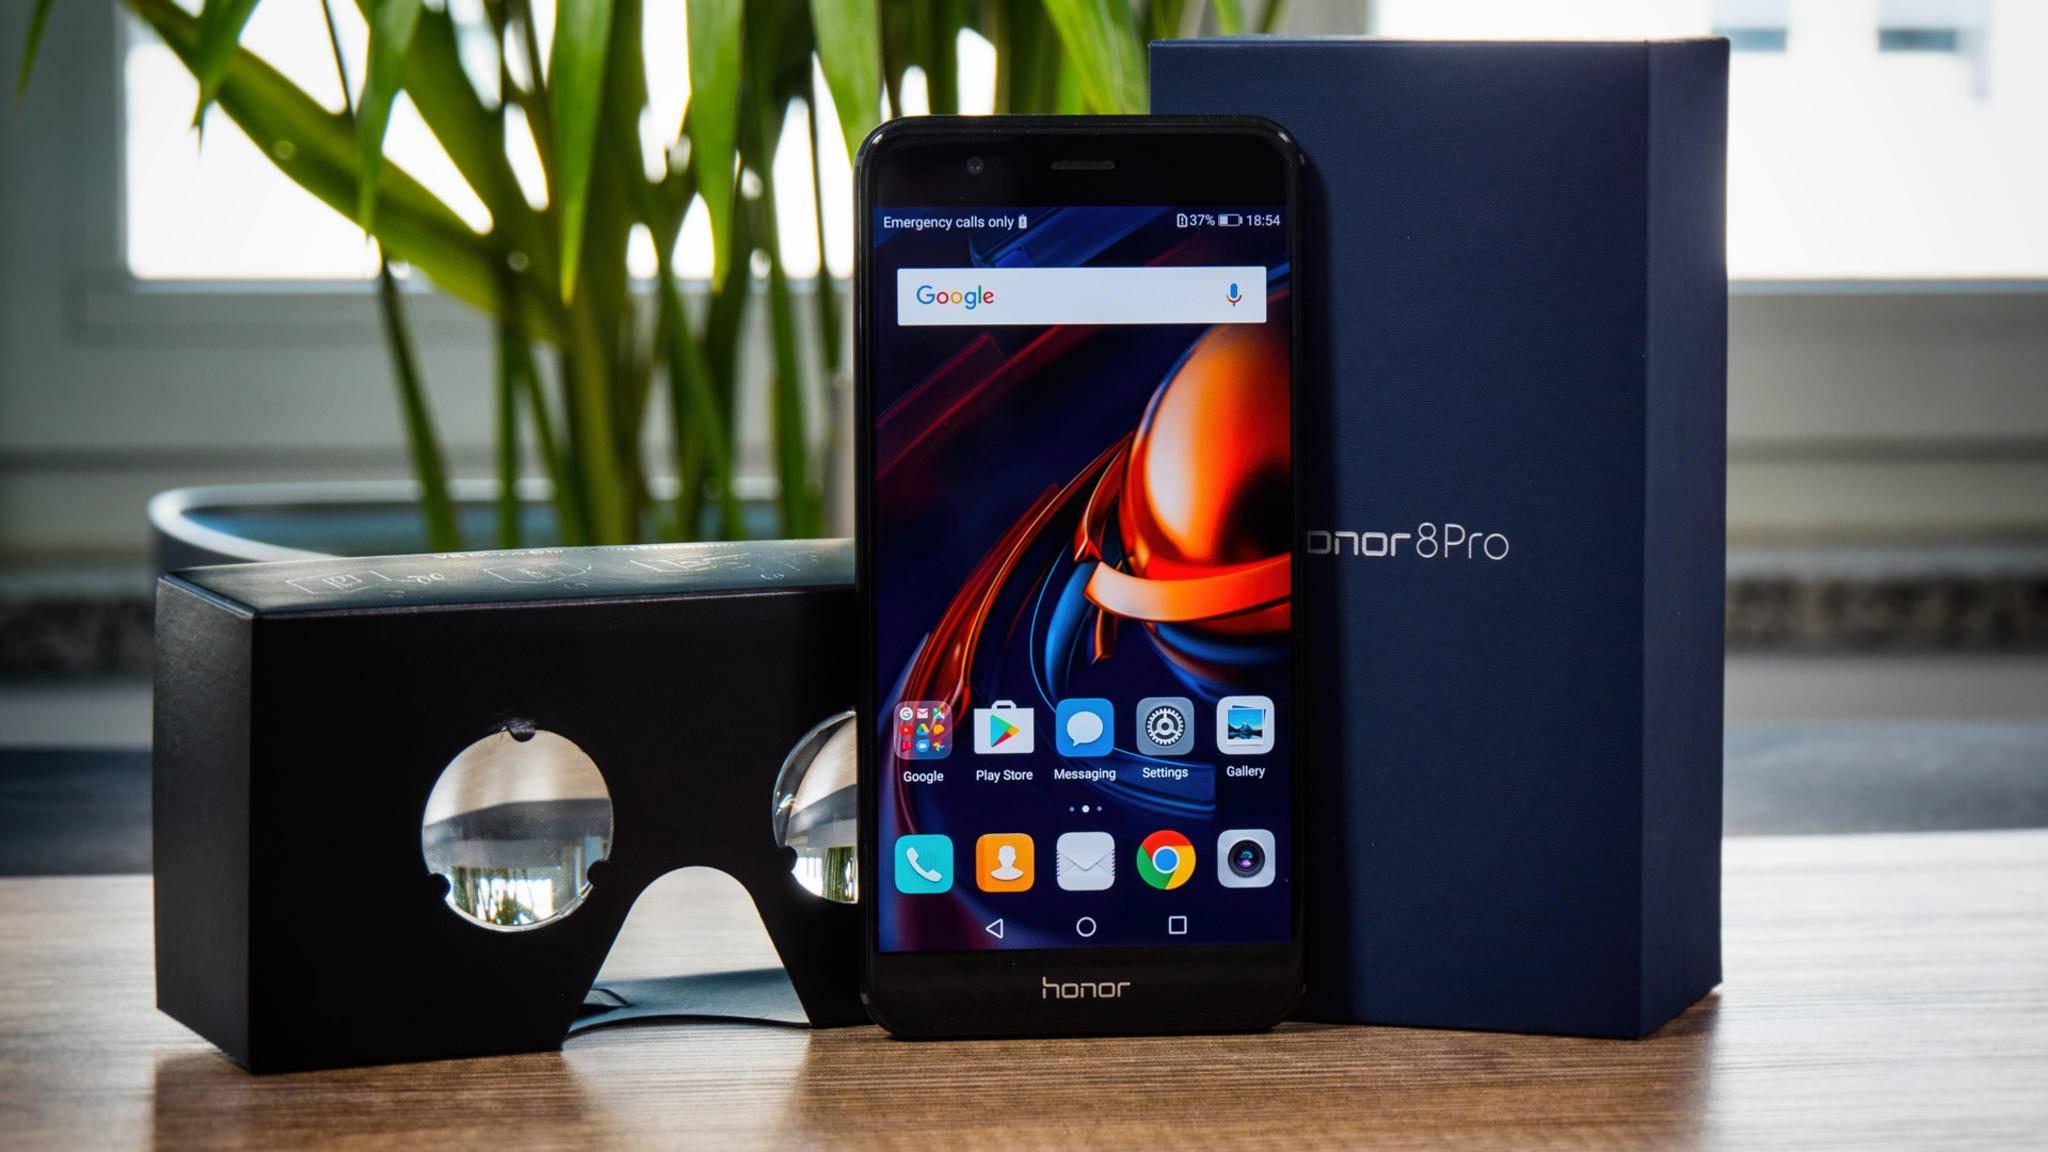 Das Honor 8 Pro tritt gegen iPhone, Galaxy und Co. an.